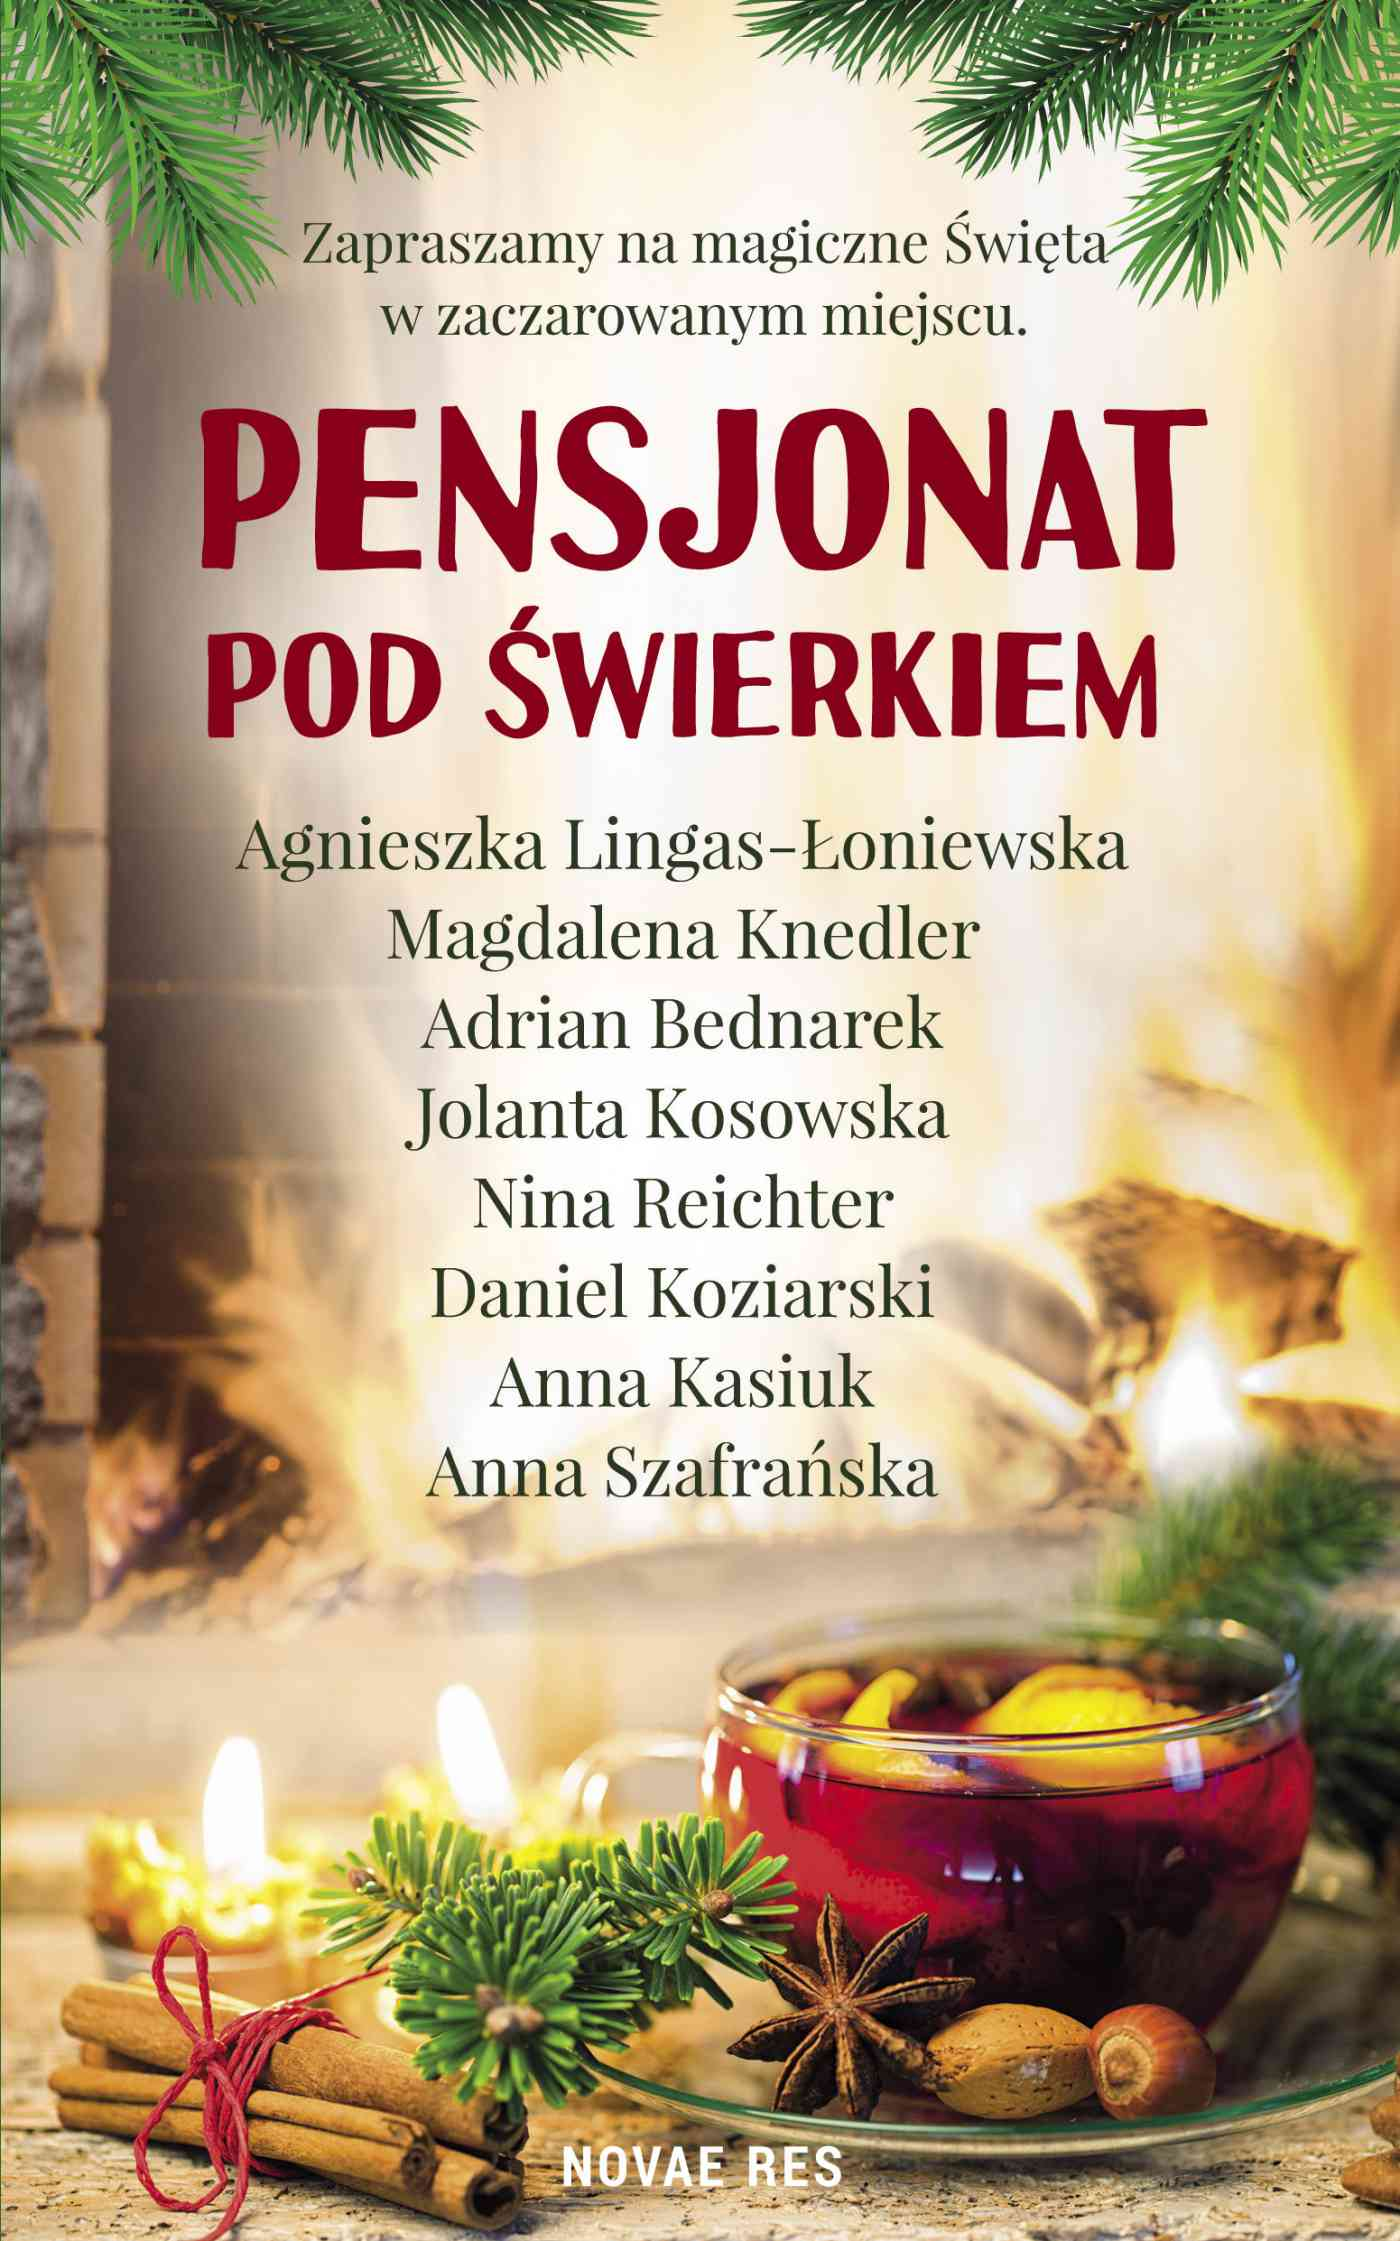 Pensjonat pod świerkiem - Ebook (Książka na Kindle) do pobrania w formacie MOBI